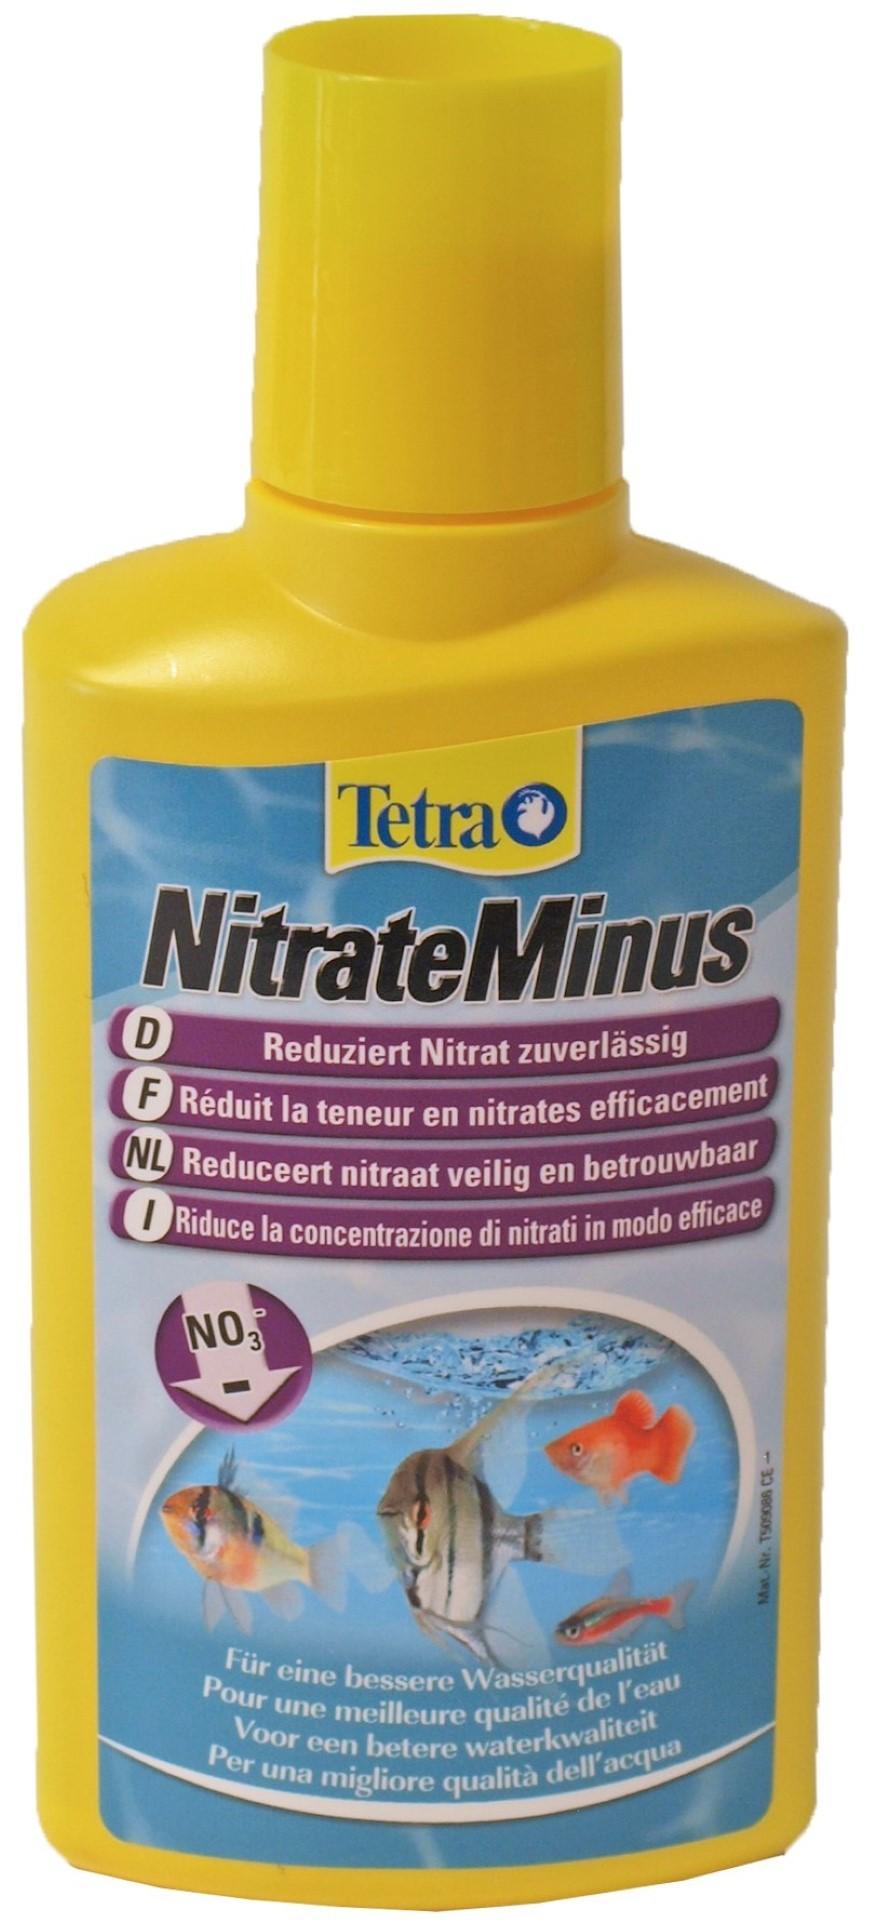 Tetra Nitraat minus vloeibaar 250 ml